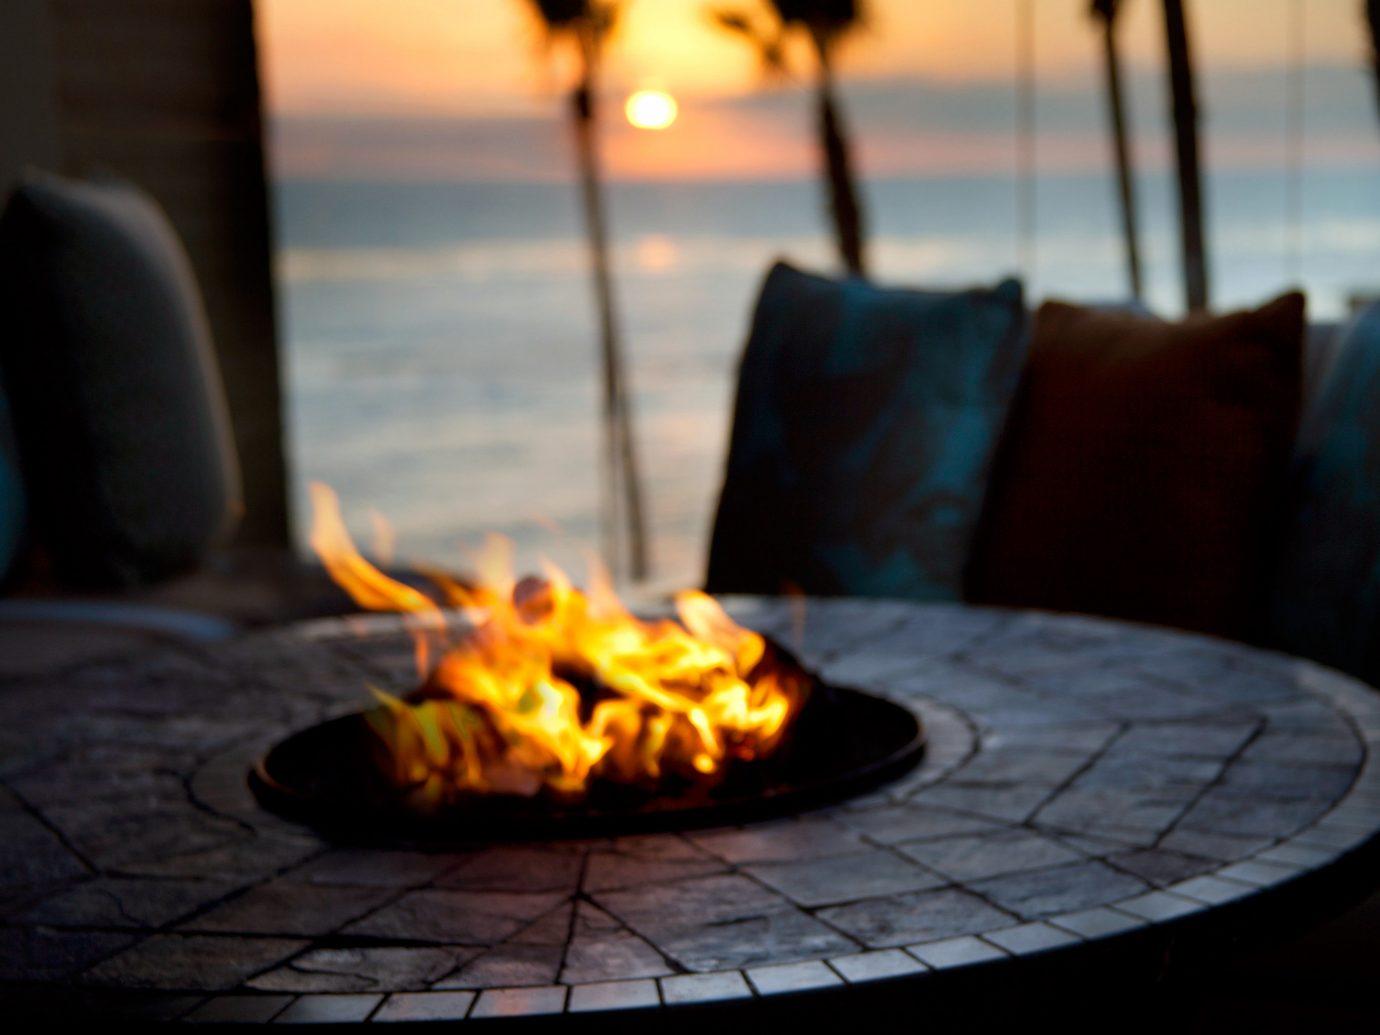 Firepit Hotels Lounge Outdoor Activities Outdoors indoor lighting